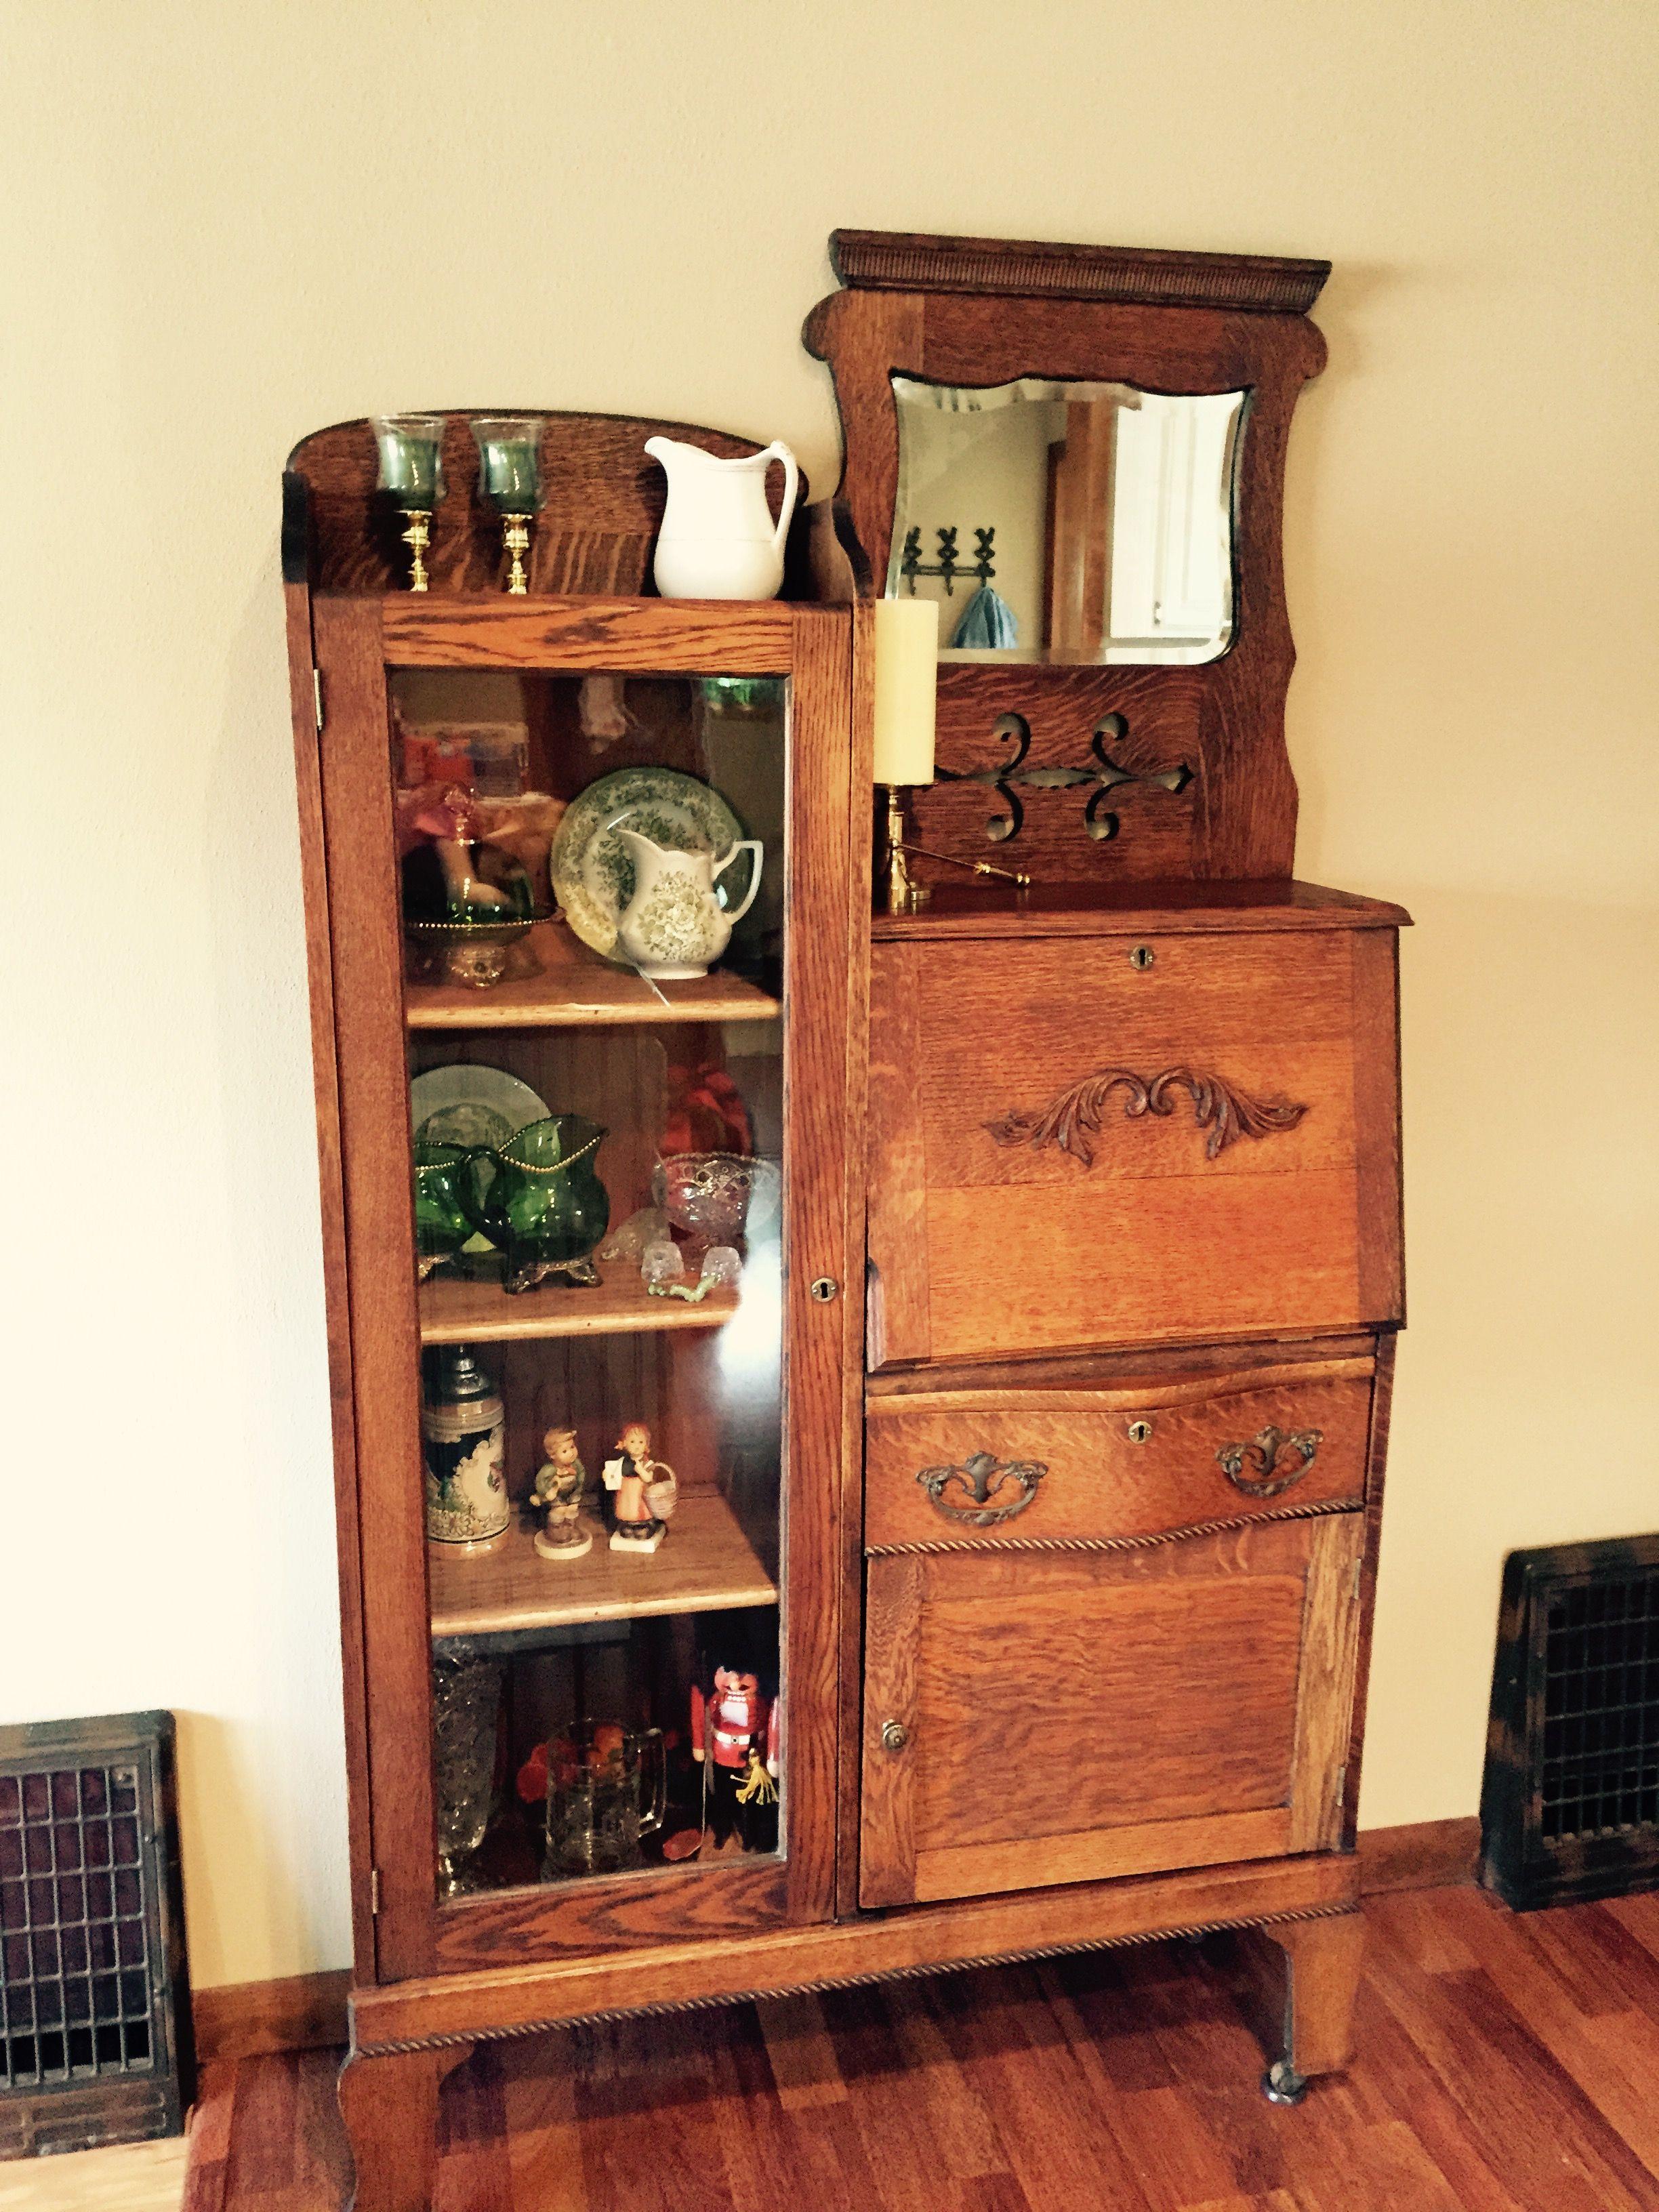 Antique oak secretary  Baker Furniture Co  Of Allegan  Michigan  Rescued  and restored. Antique oak secretary  Baker Furniture Co  Of Allegan  Michigan